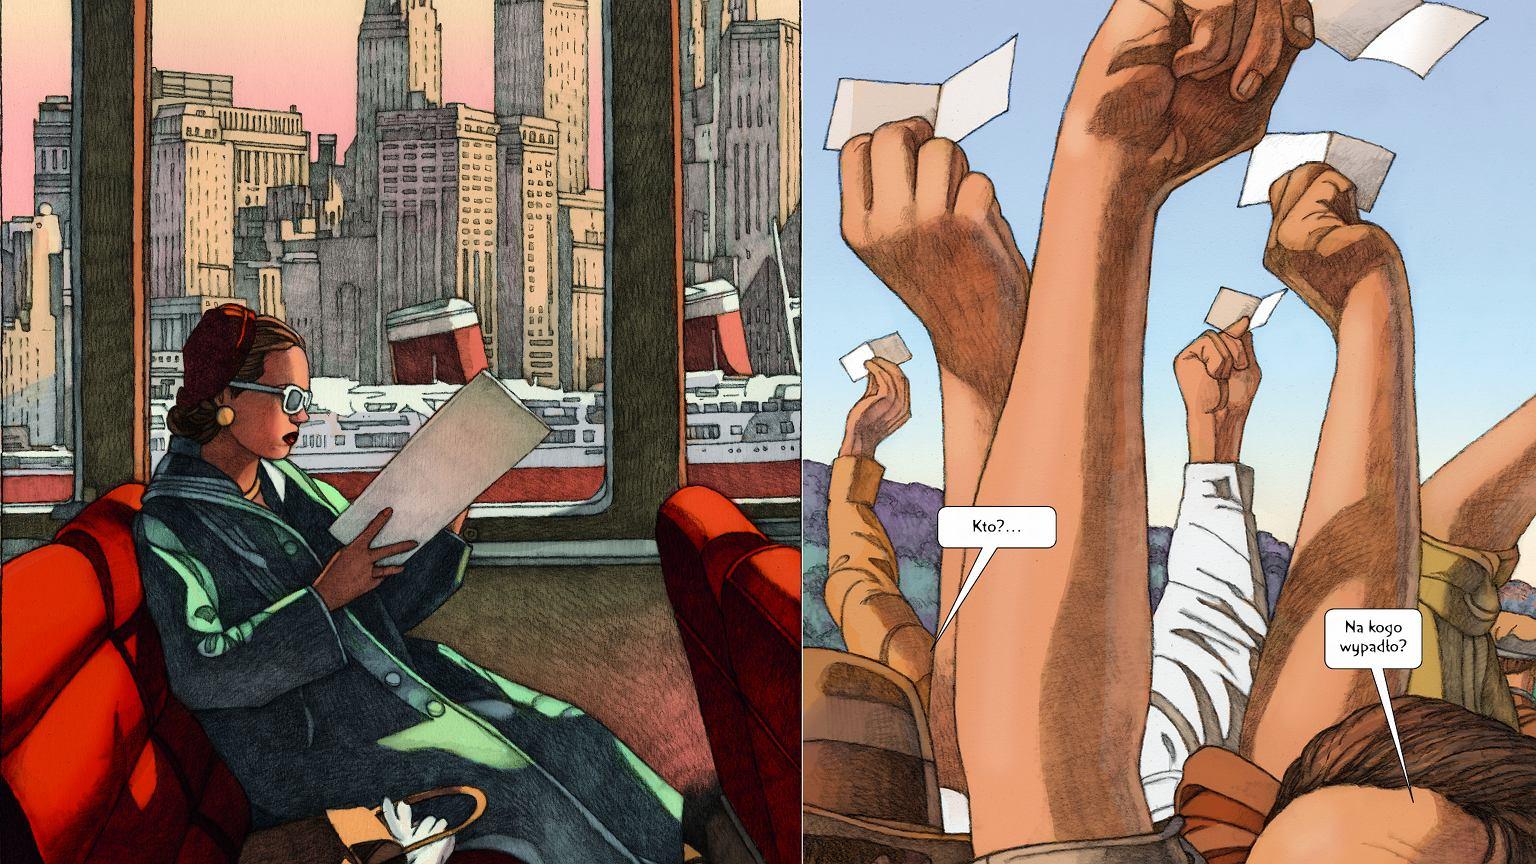 Kadry z 'Loterii' Milesa Hymana na podstawie opowiadania Shirley Jackson